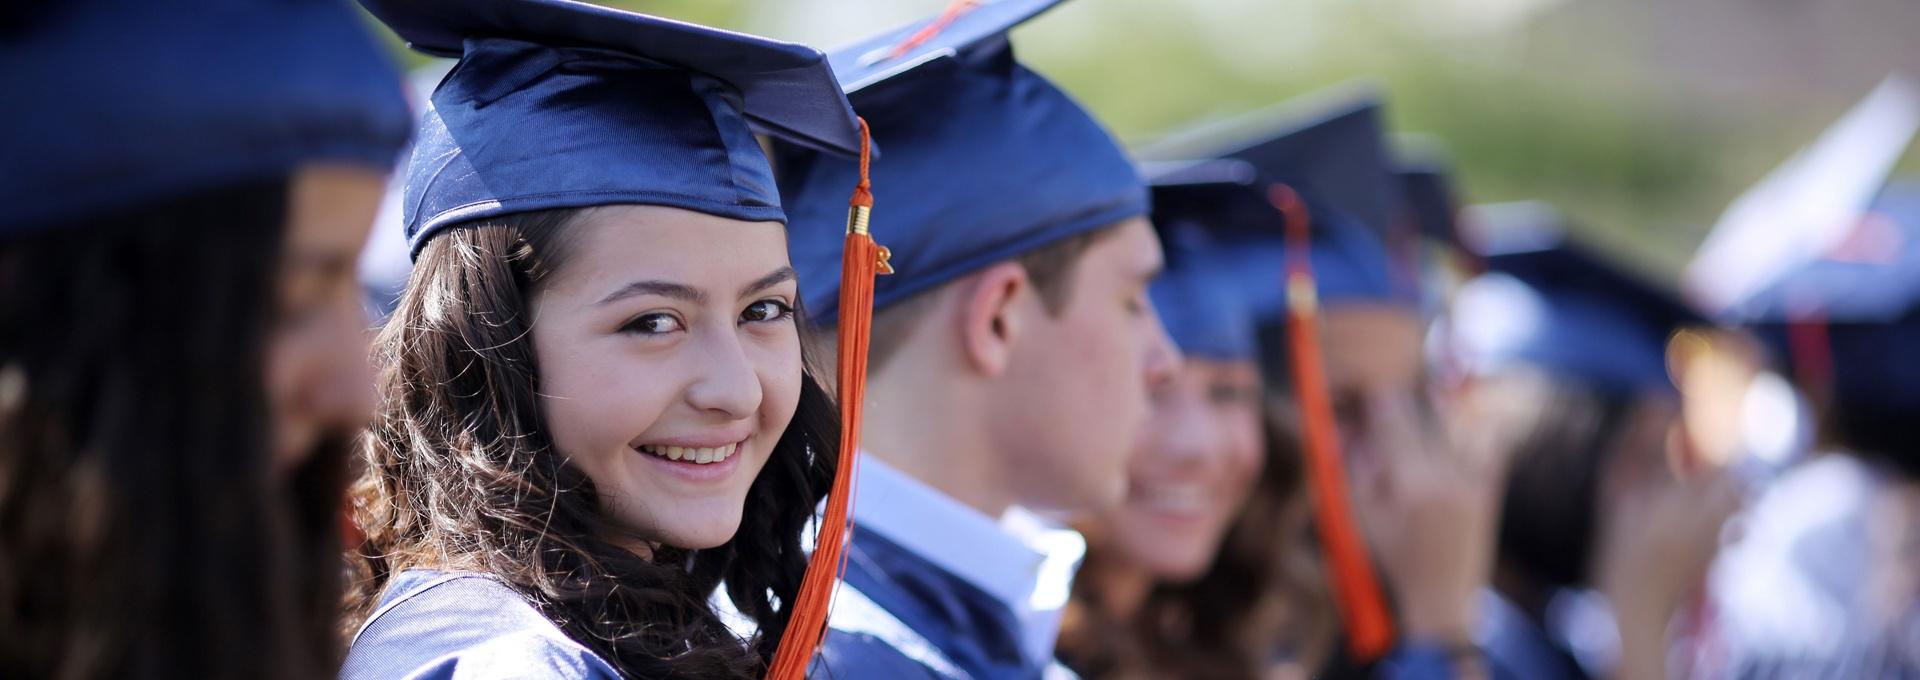 Կրթաթոշակներ լավագույն բուհերի ուսանողներին